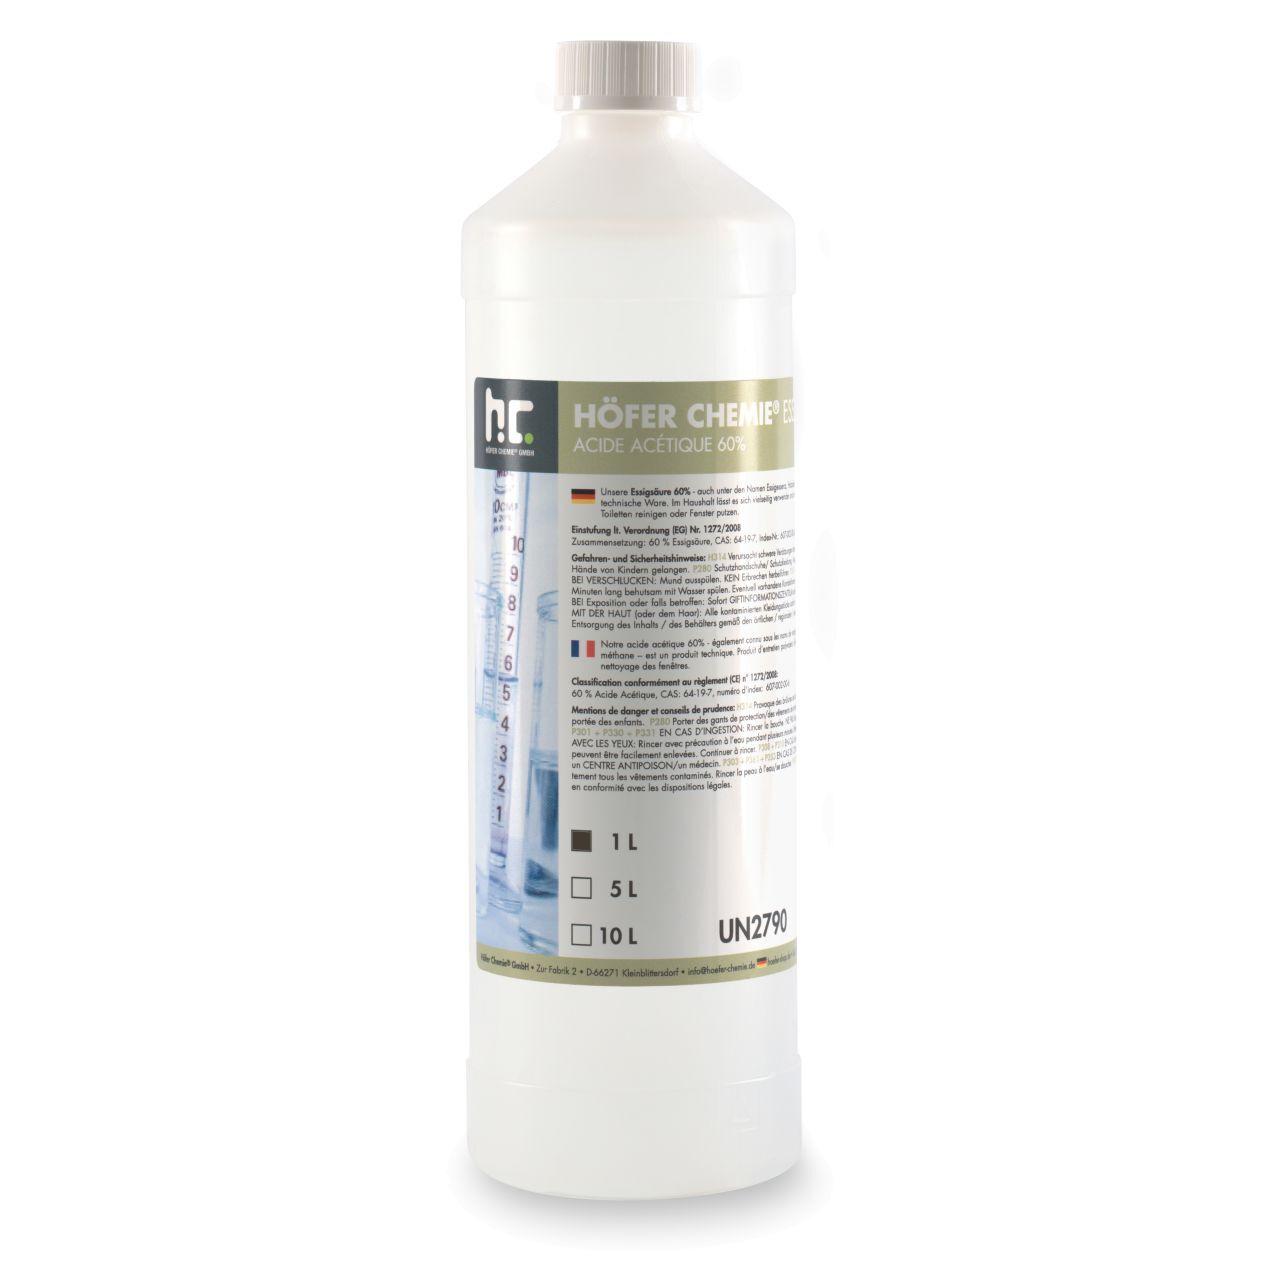 Höfer Chemie 6 l Acide Acétique 60% (6 x 1 l)